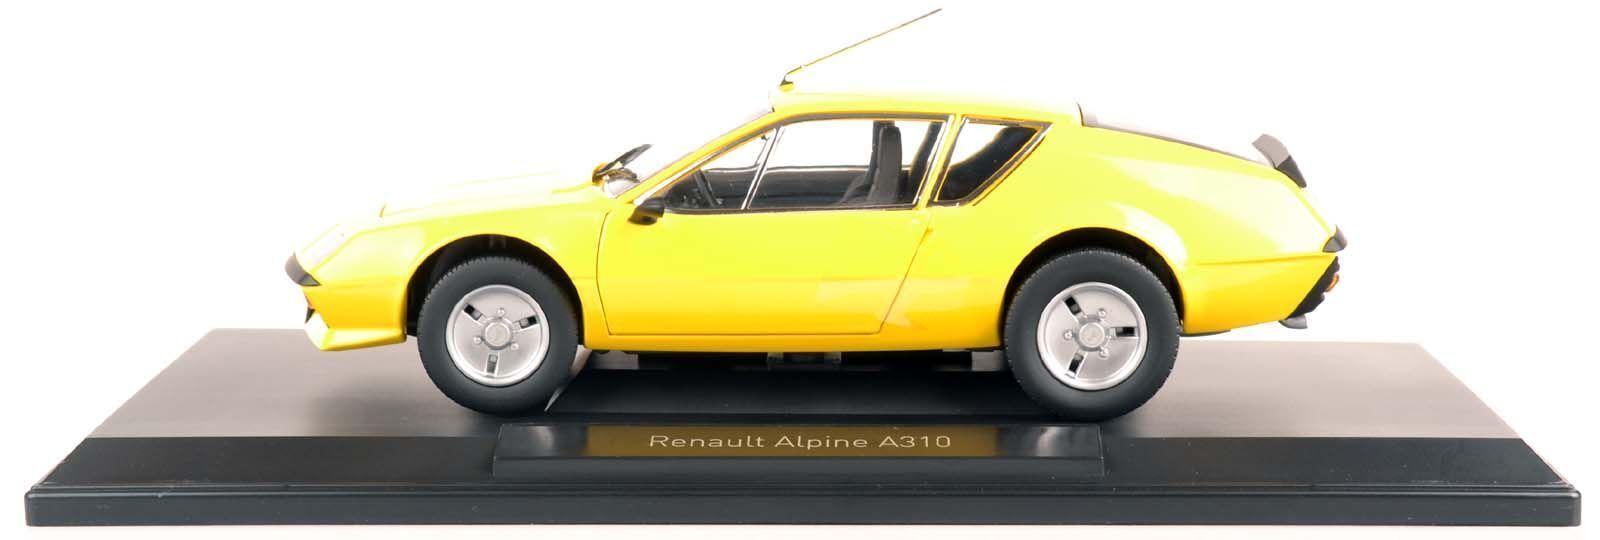 NOREV 185143 renault alpine a310 1977 jaune 1 18 Nouveau Neuf dans sa boîte